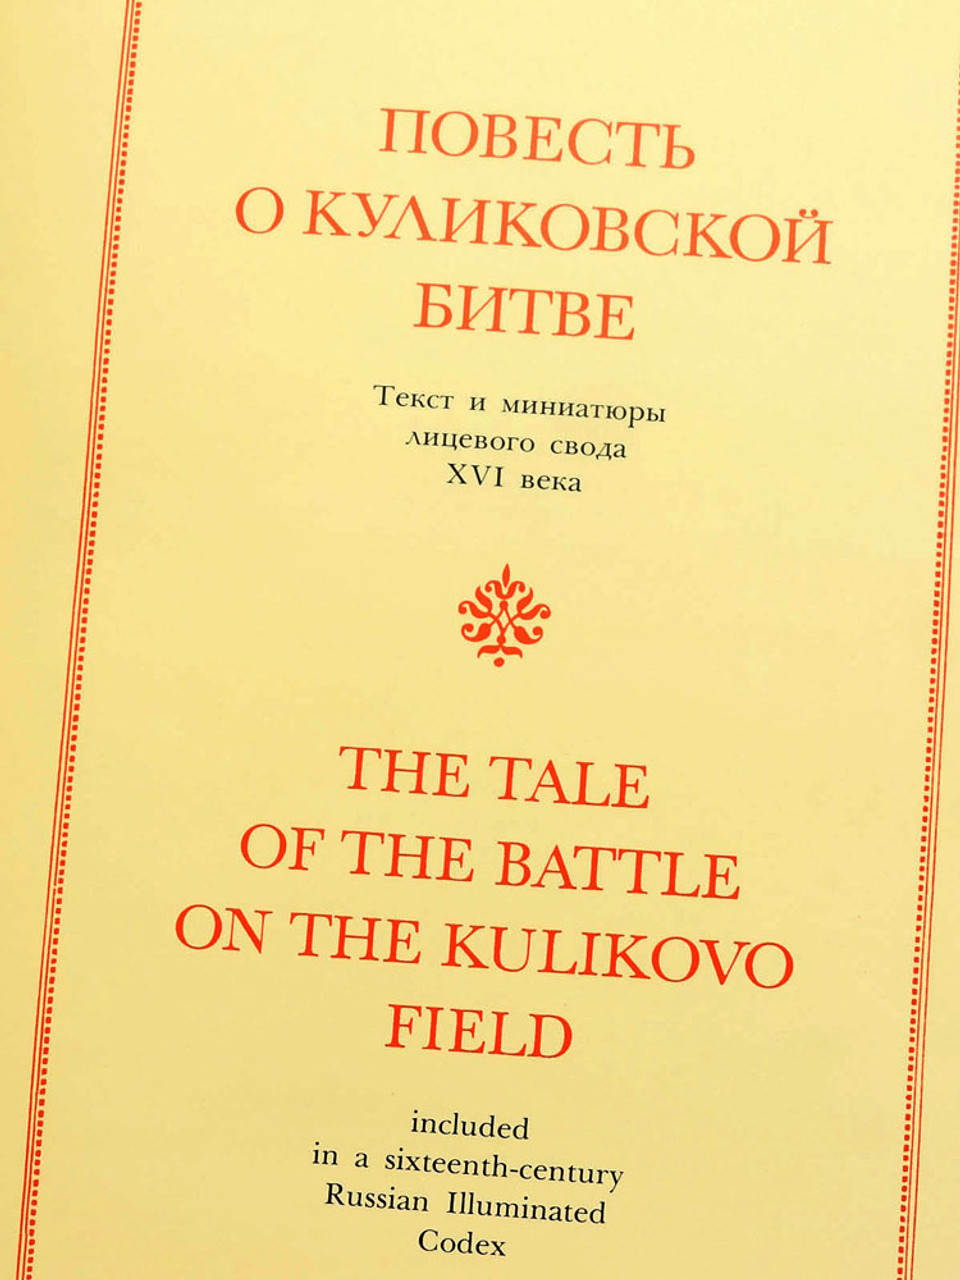 Повесть о Куликовской битве